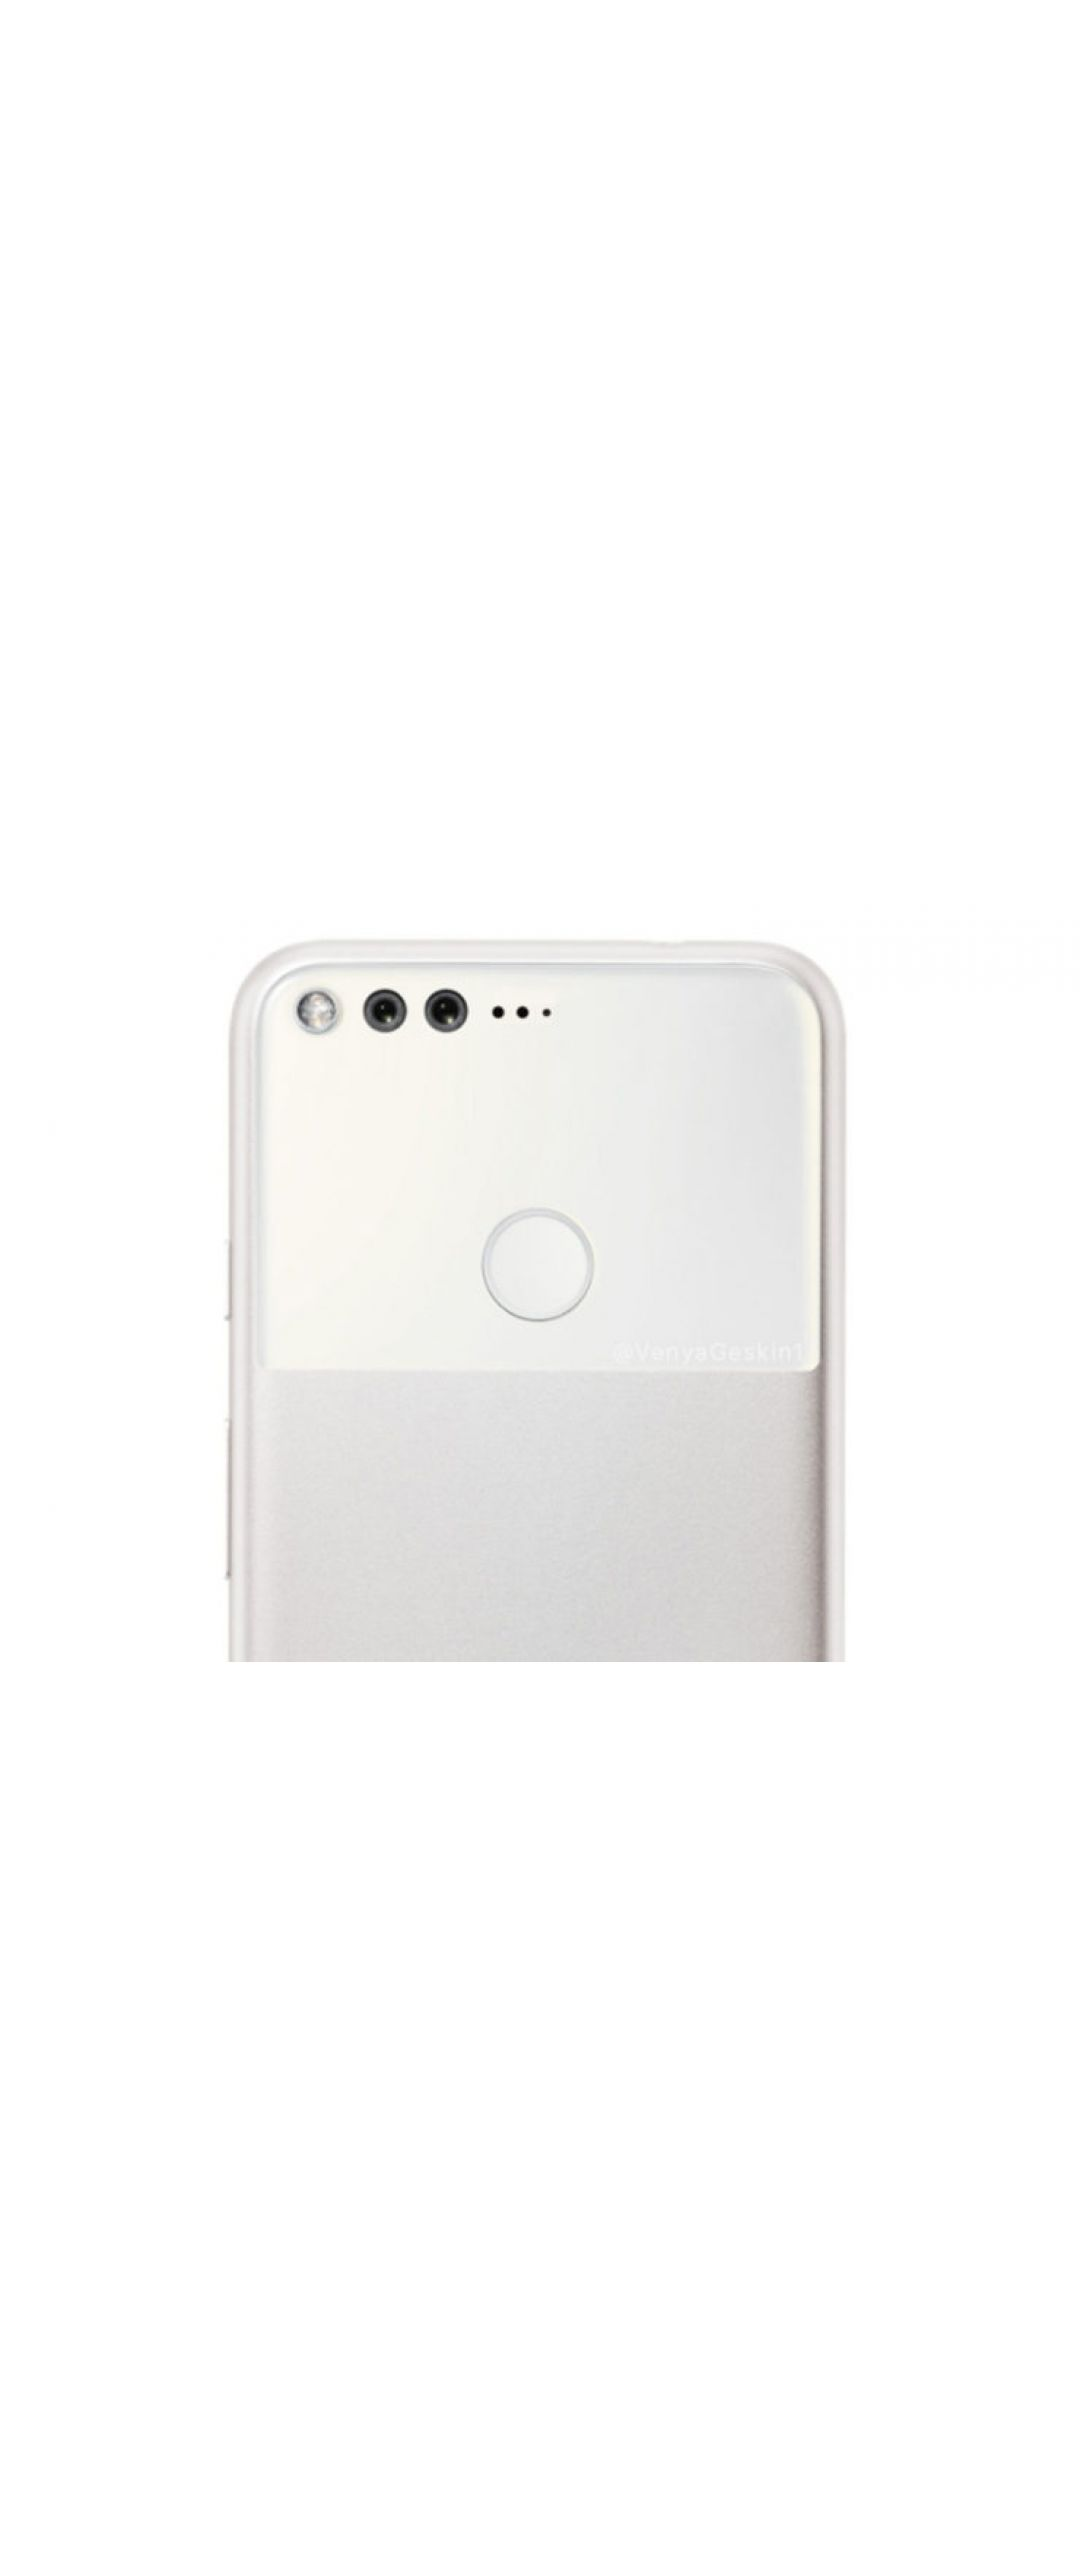 Pixel 2 XL imitará al LG G5